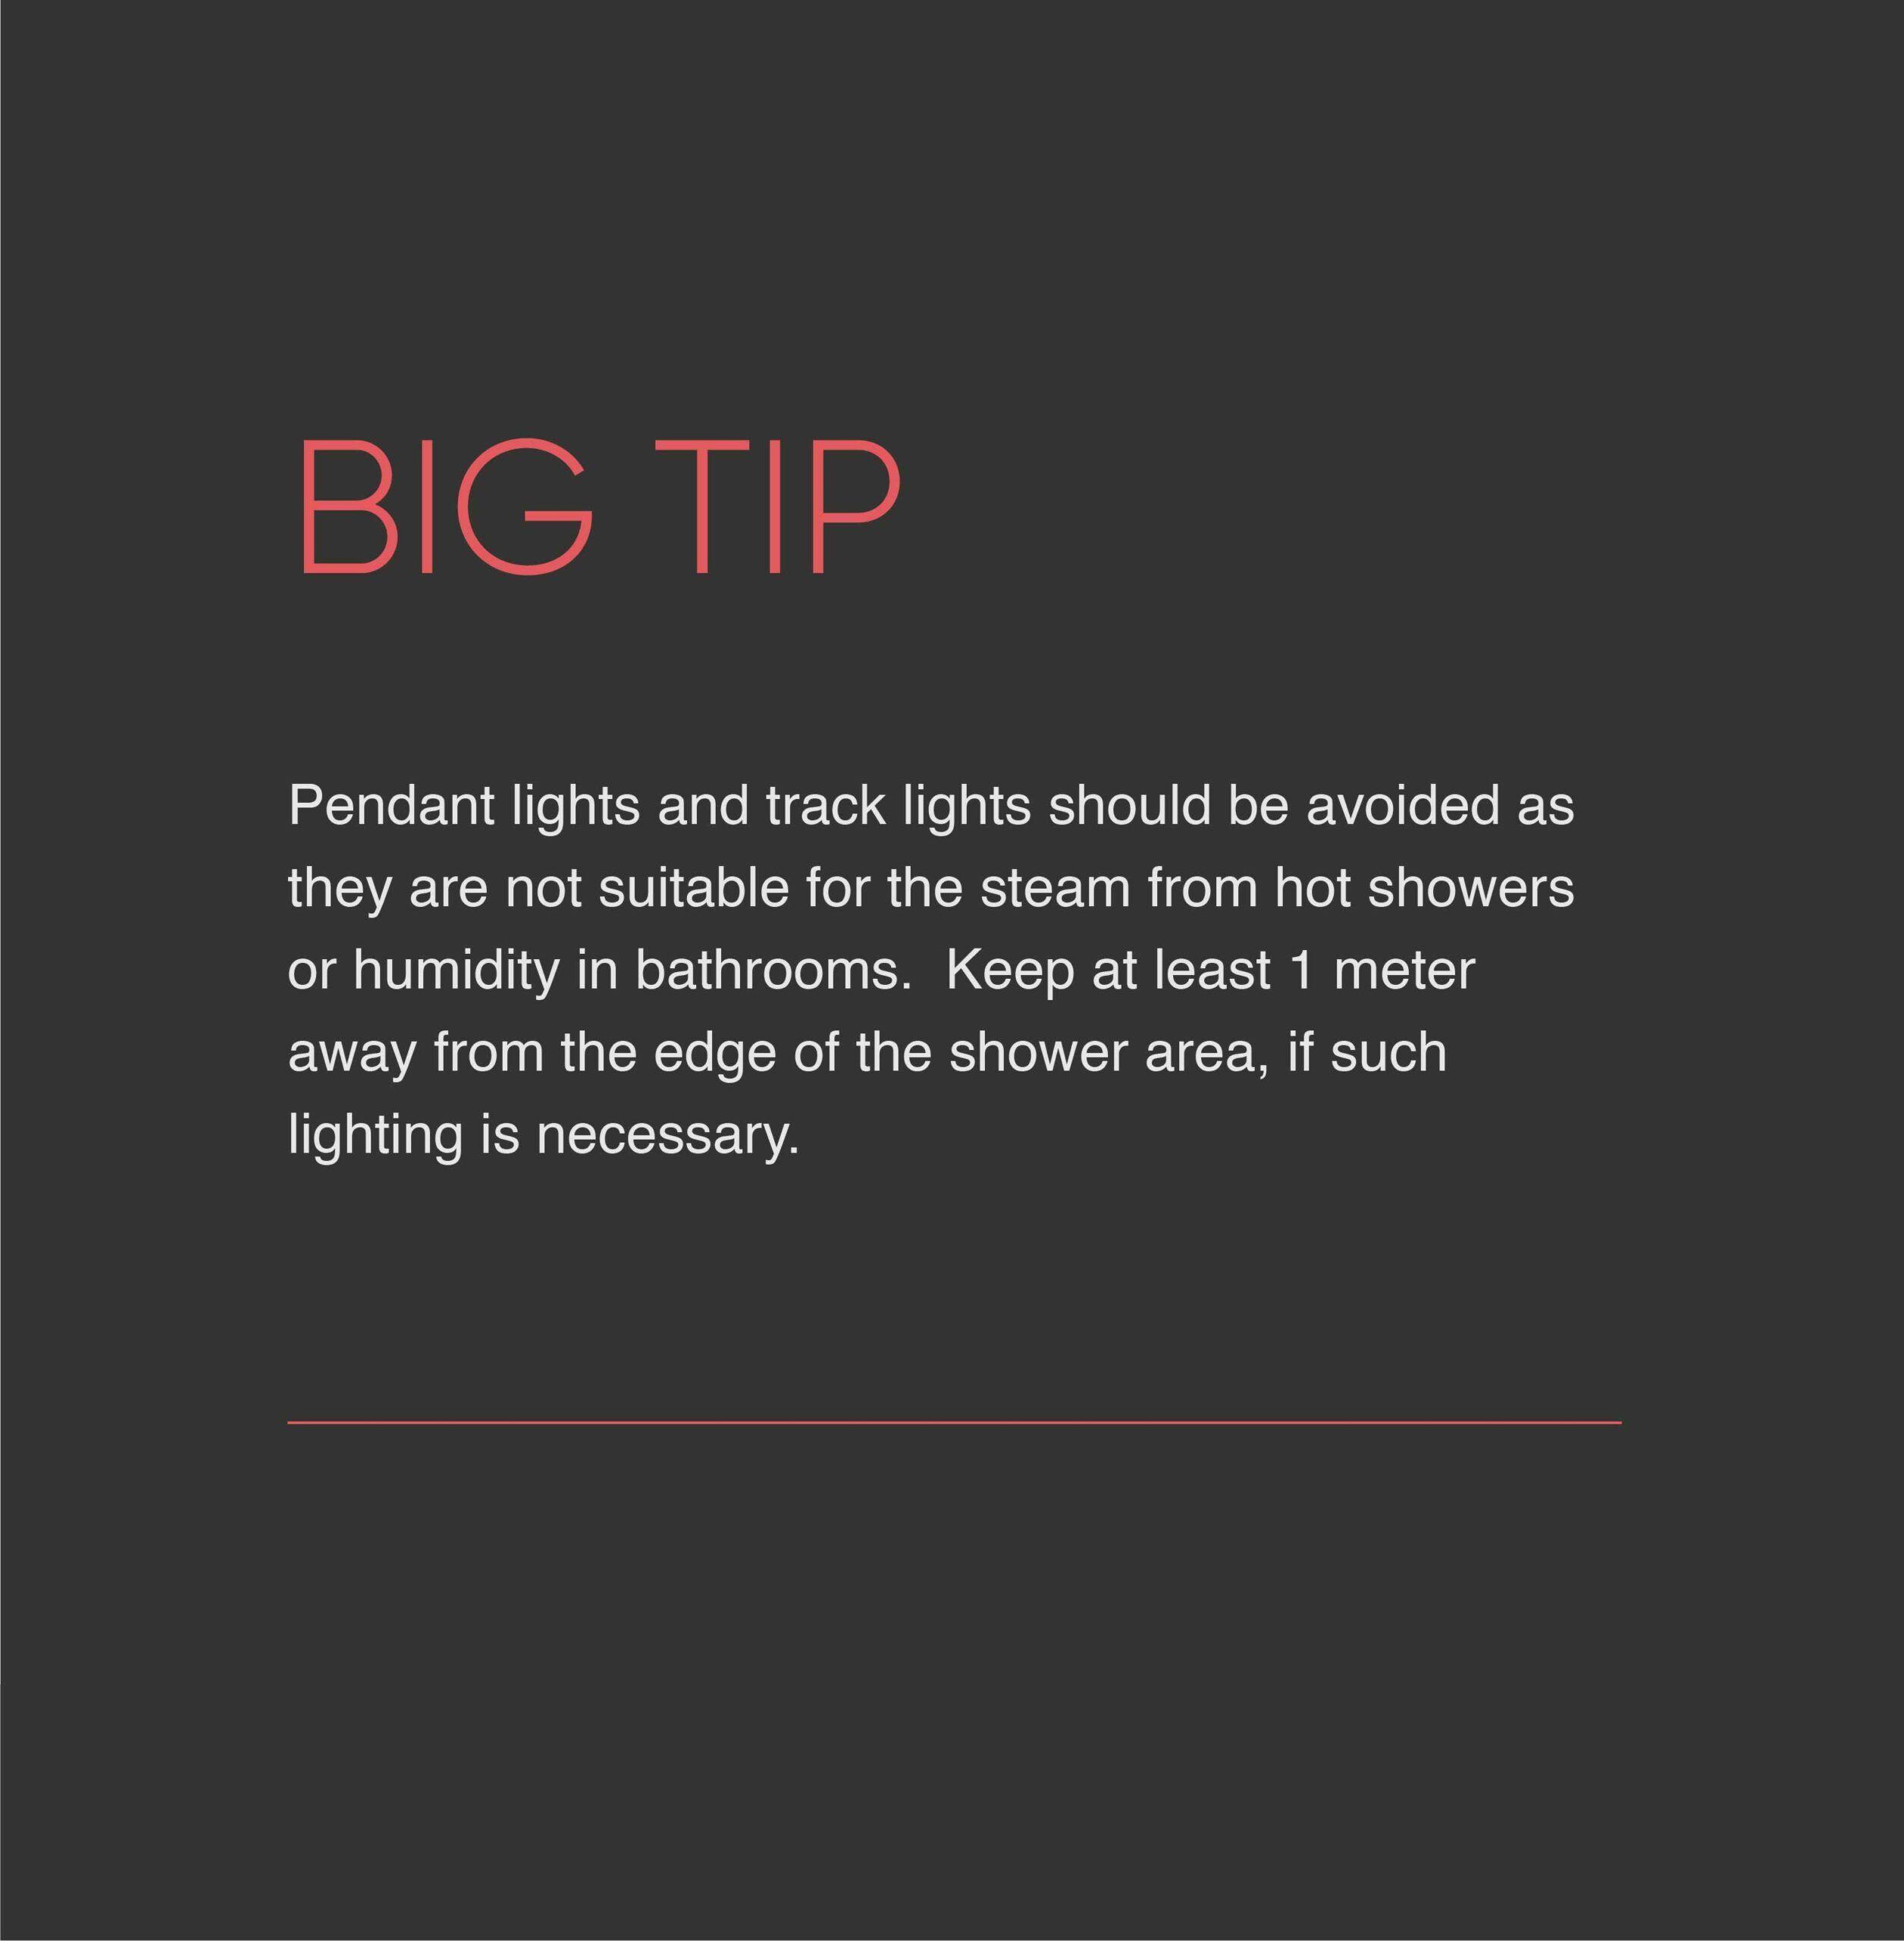 HDB-bathroom-lighting-big-tip